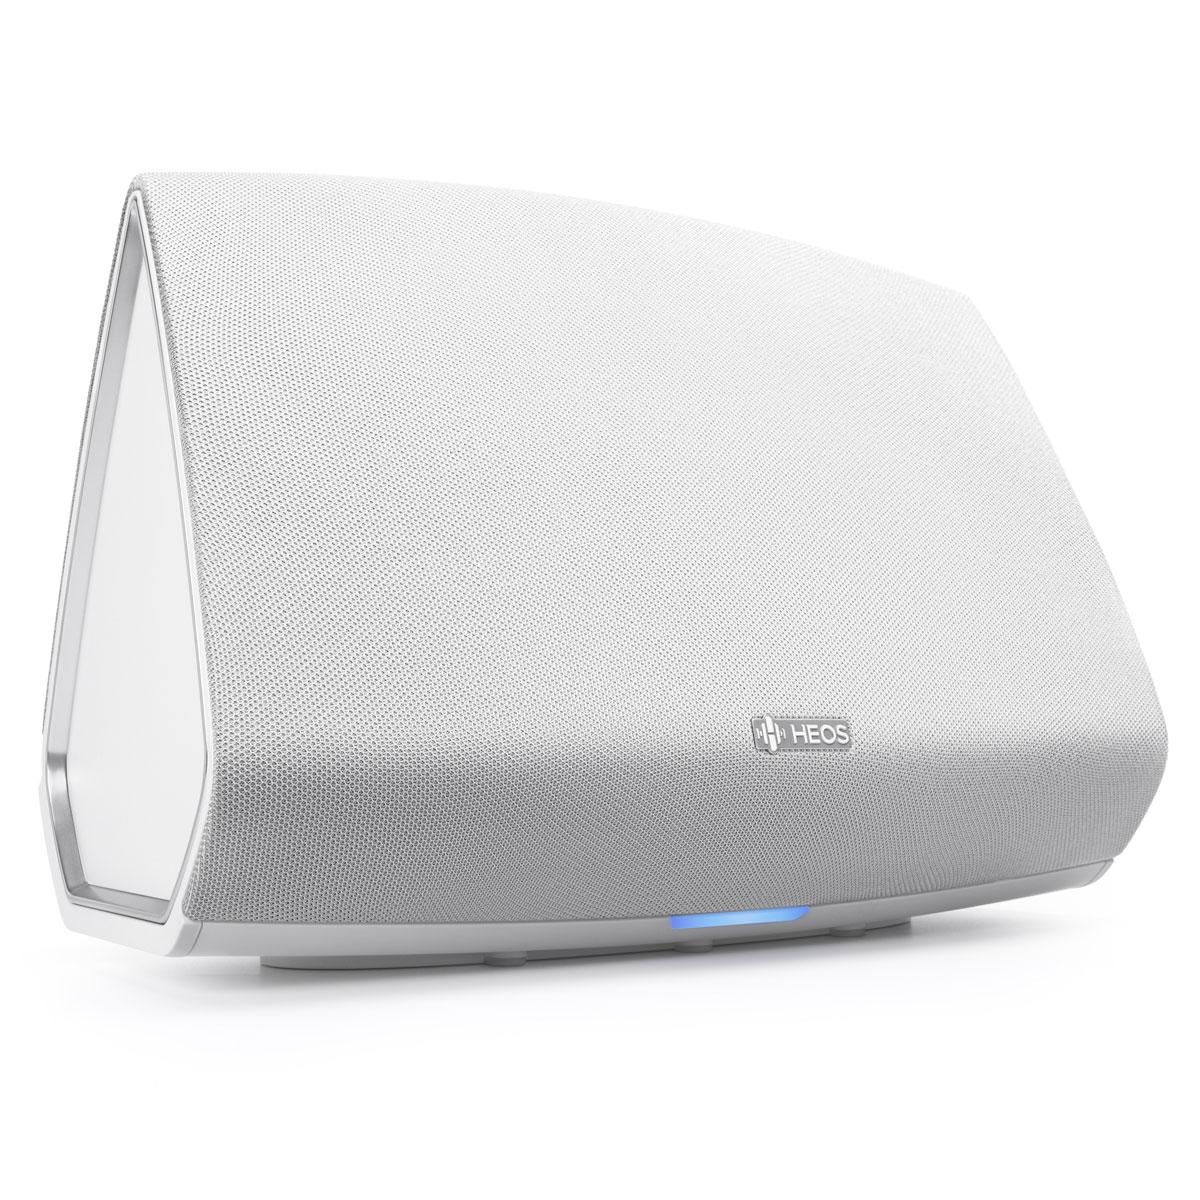 Heos 5 HS2 weiss Wireless-Lautsprecher 101104